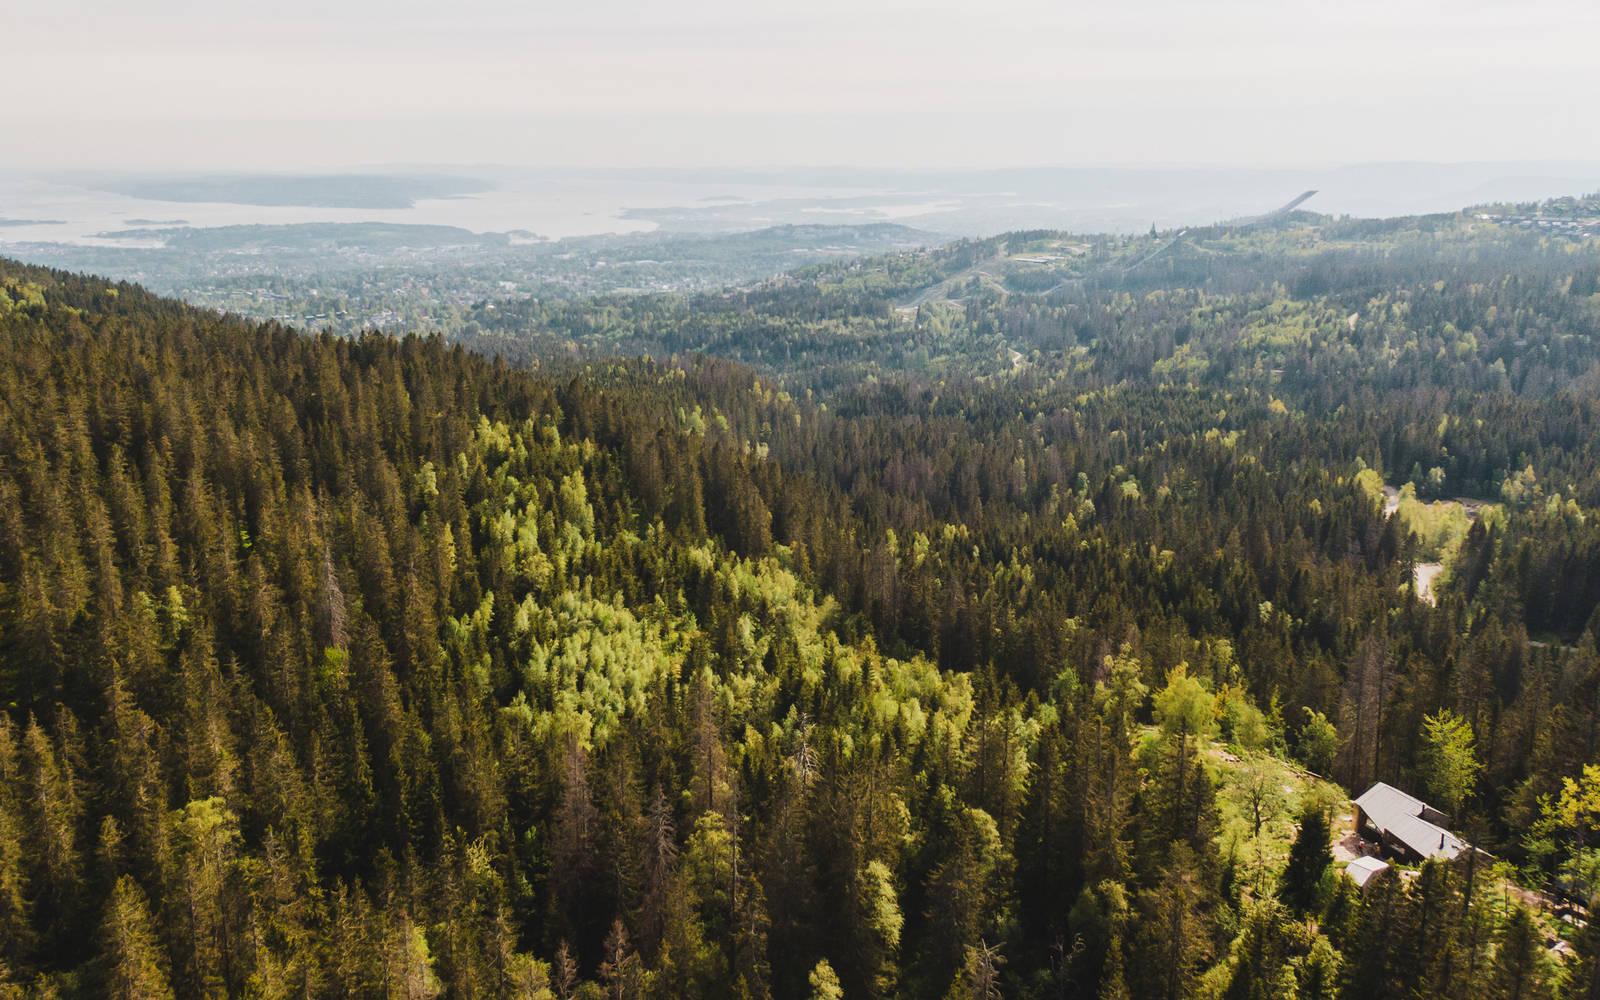 Ett av målene på turen er den mye omtalte Fyglemyrhytta til Oslo DNT. Bilde: Christian Nerdrum